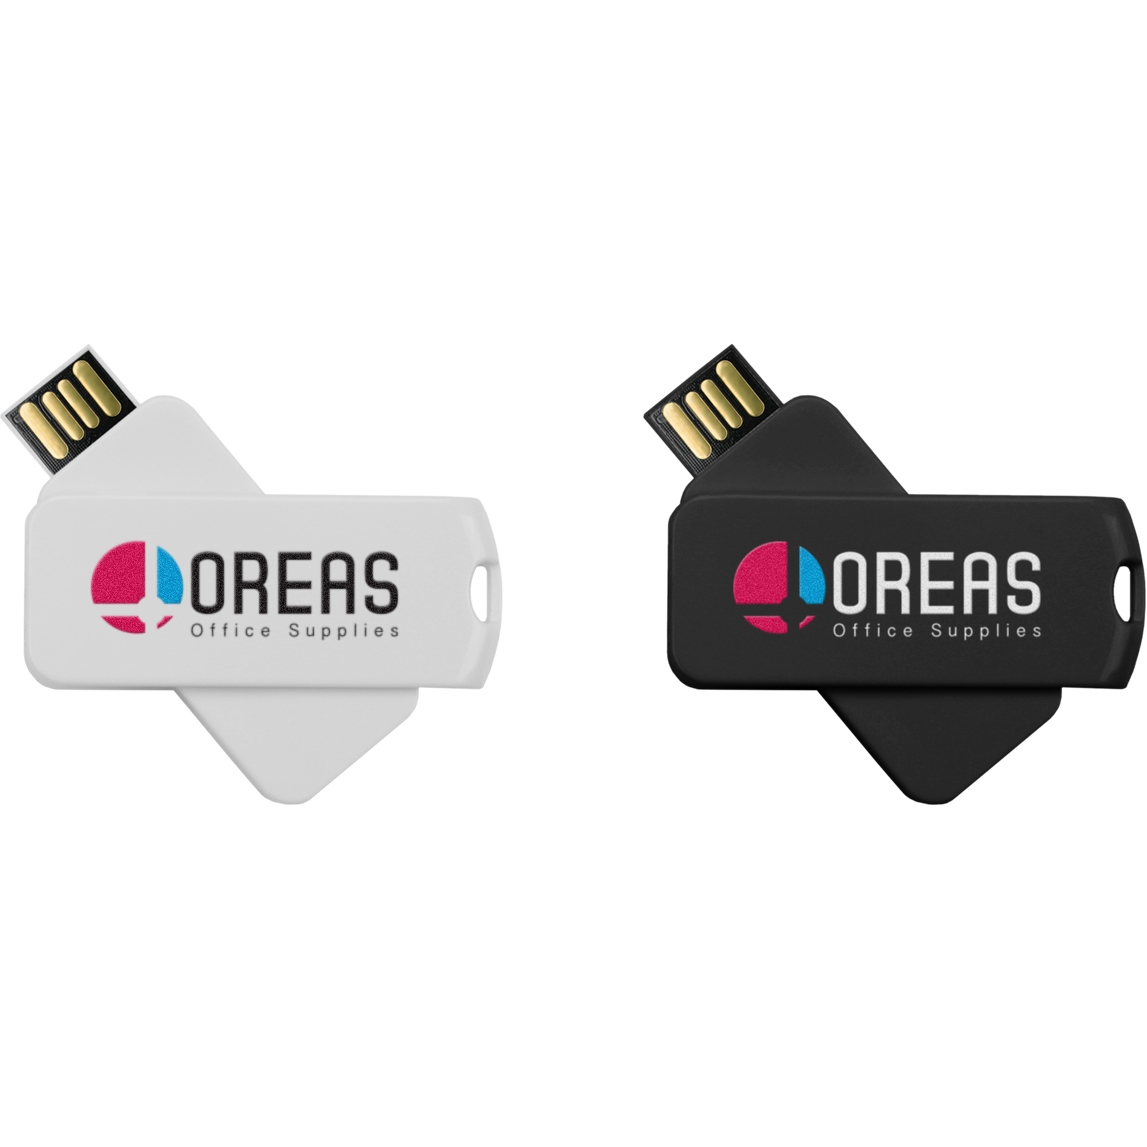 Clé USB publicitaire Smart Twister Large - clé USB personnalisable